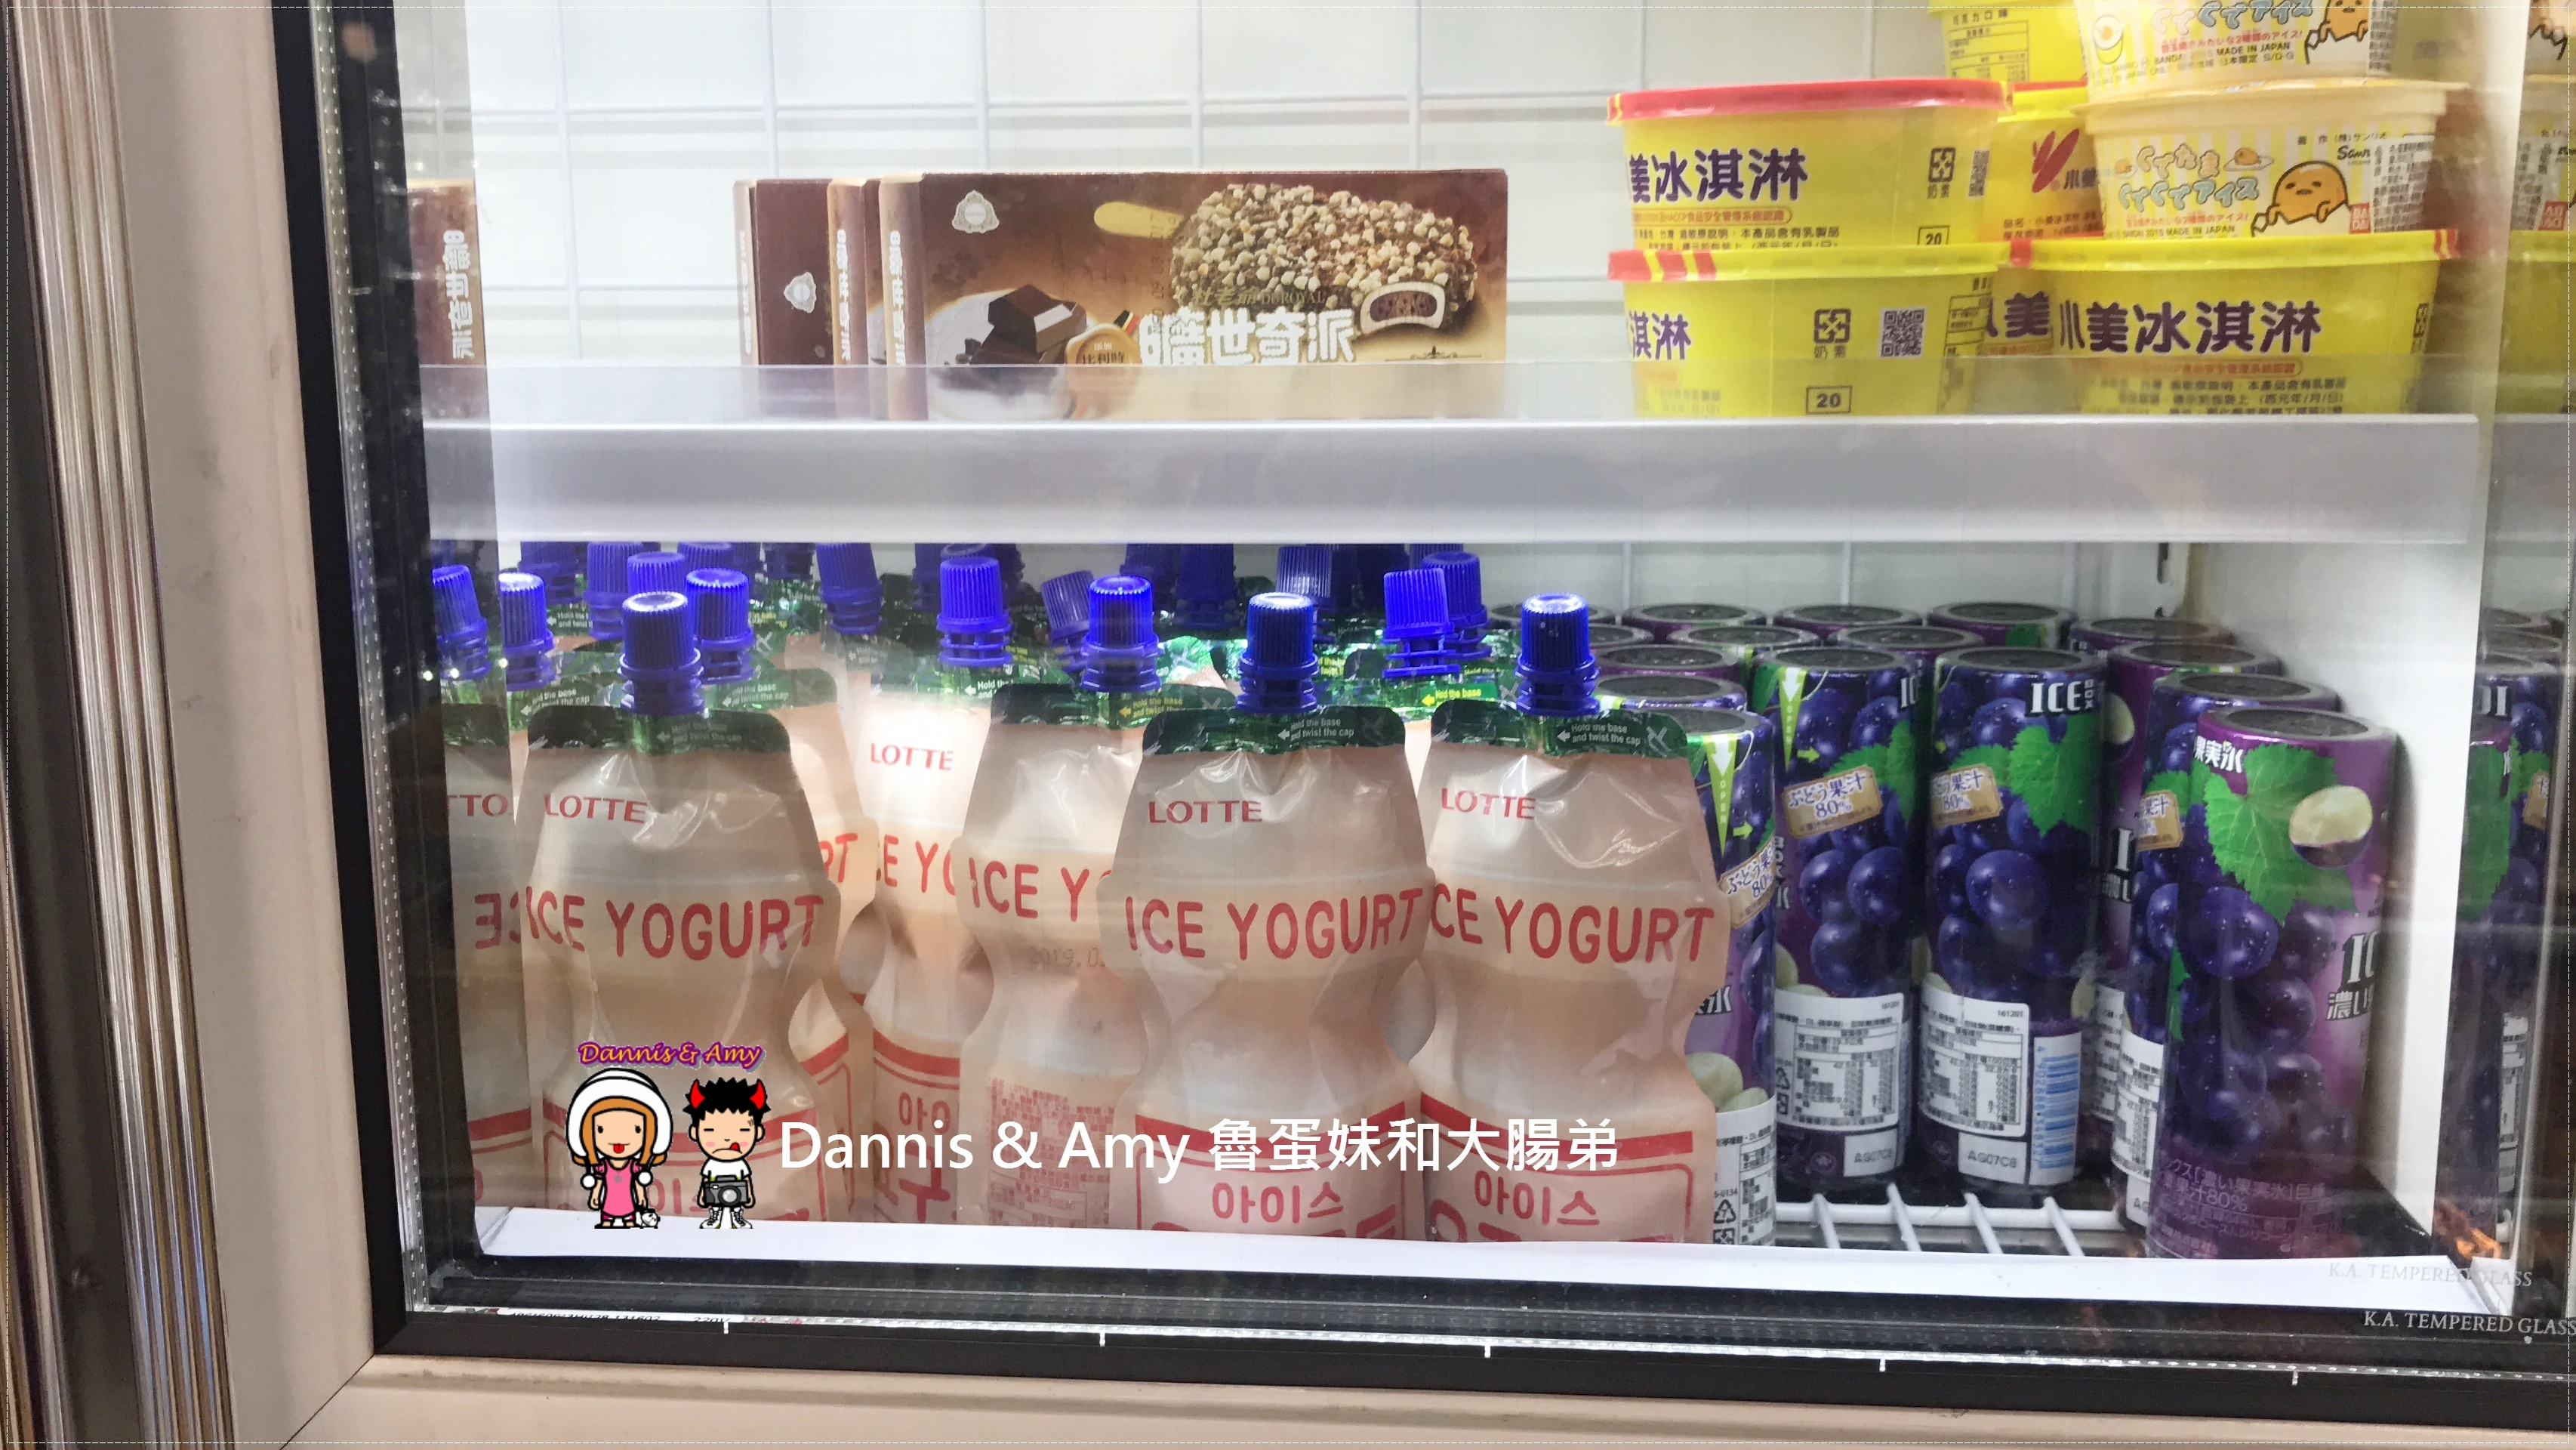 20170331《7-11新品》養樂多系列篇。8元台灣養樂多 PK 韓國韓星愛喝的養樂多軟糖冰沙。養樂多軟糖。養樂多洋芋片︱ (廢話很多的開箱影片) (7).JPG